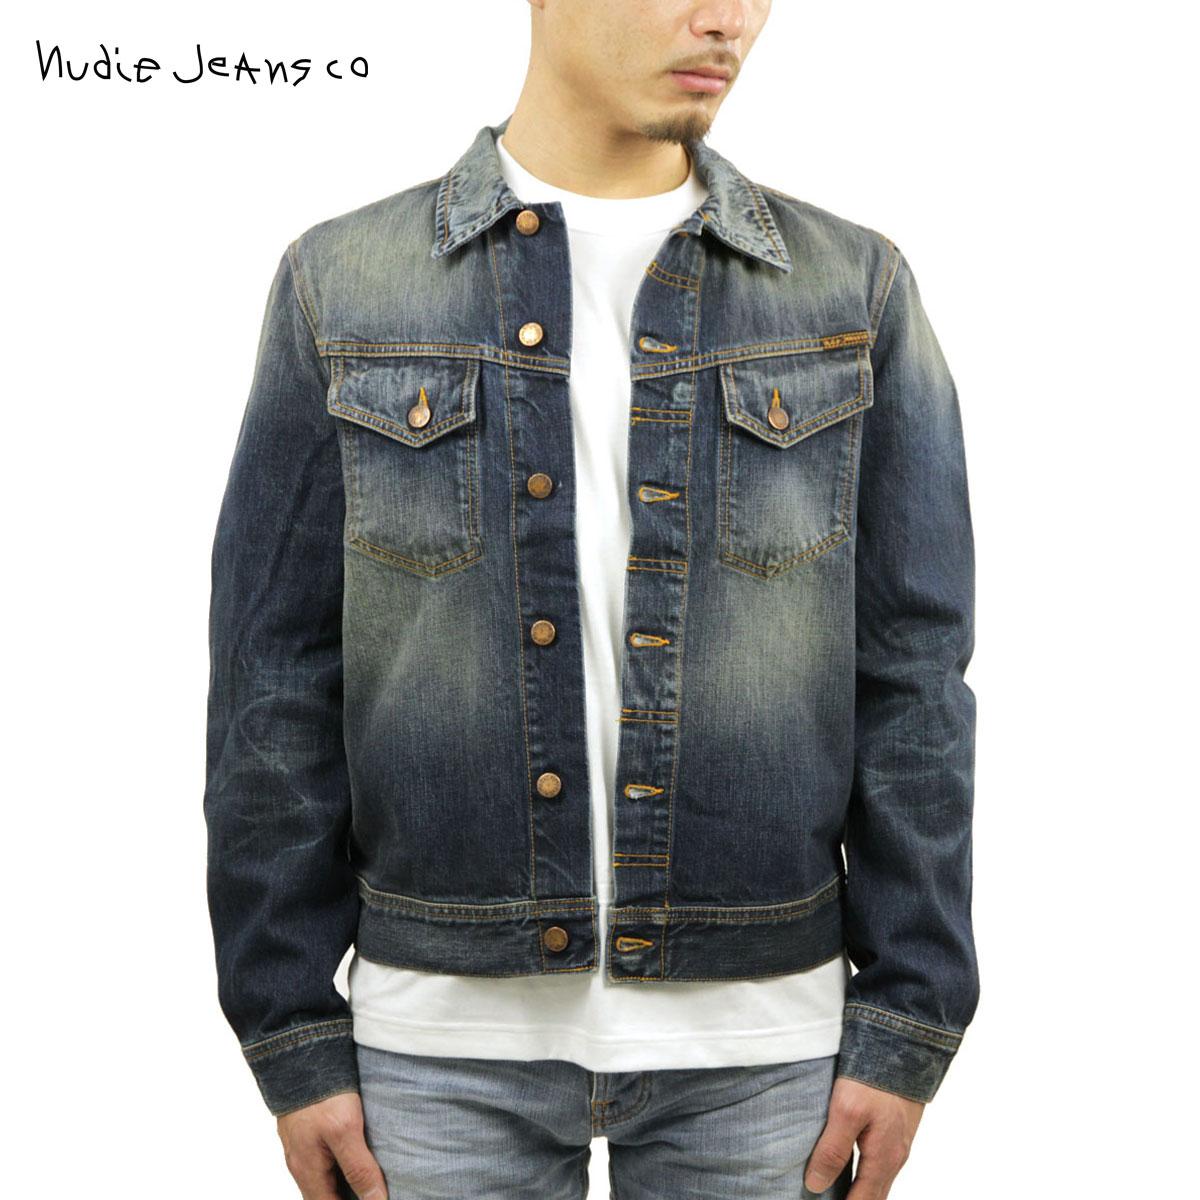 ヌーディージーンズ Nudie Jeans 正規販売店 メンズ アウタージャケット ヌーディージーンズ Billy Denim 160404